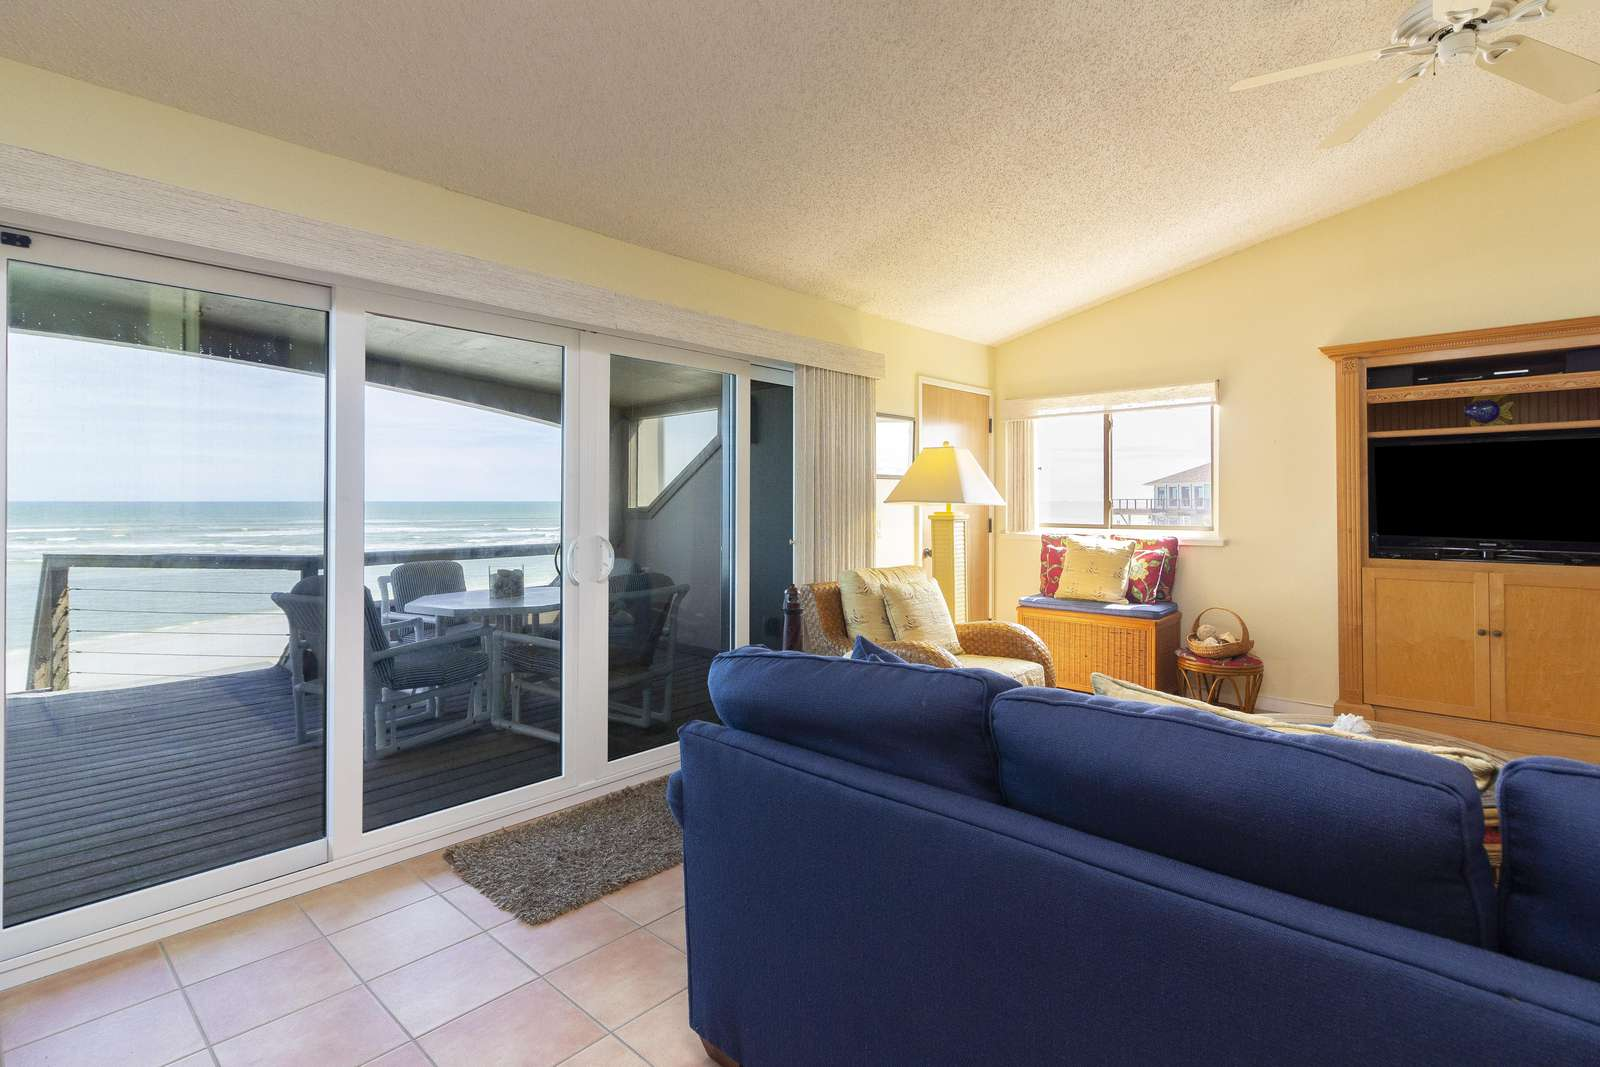 Living Room Views